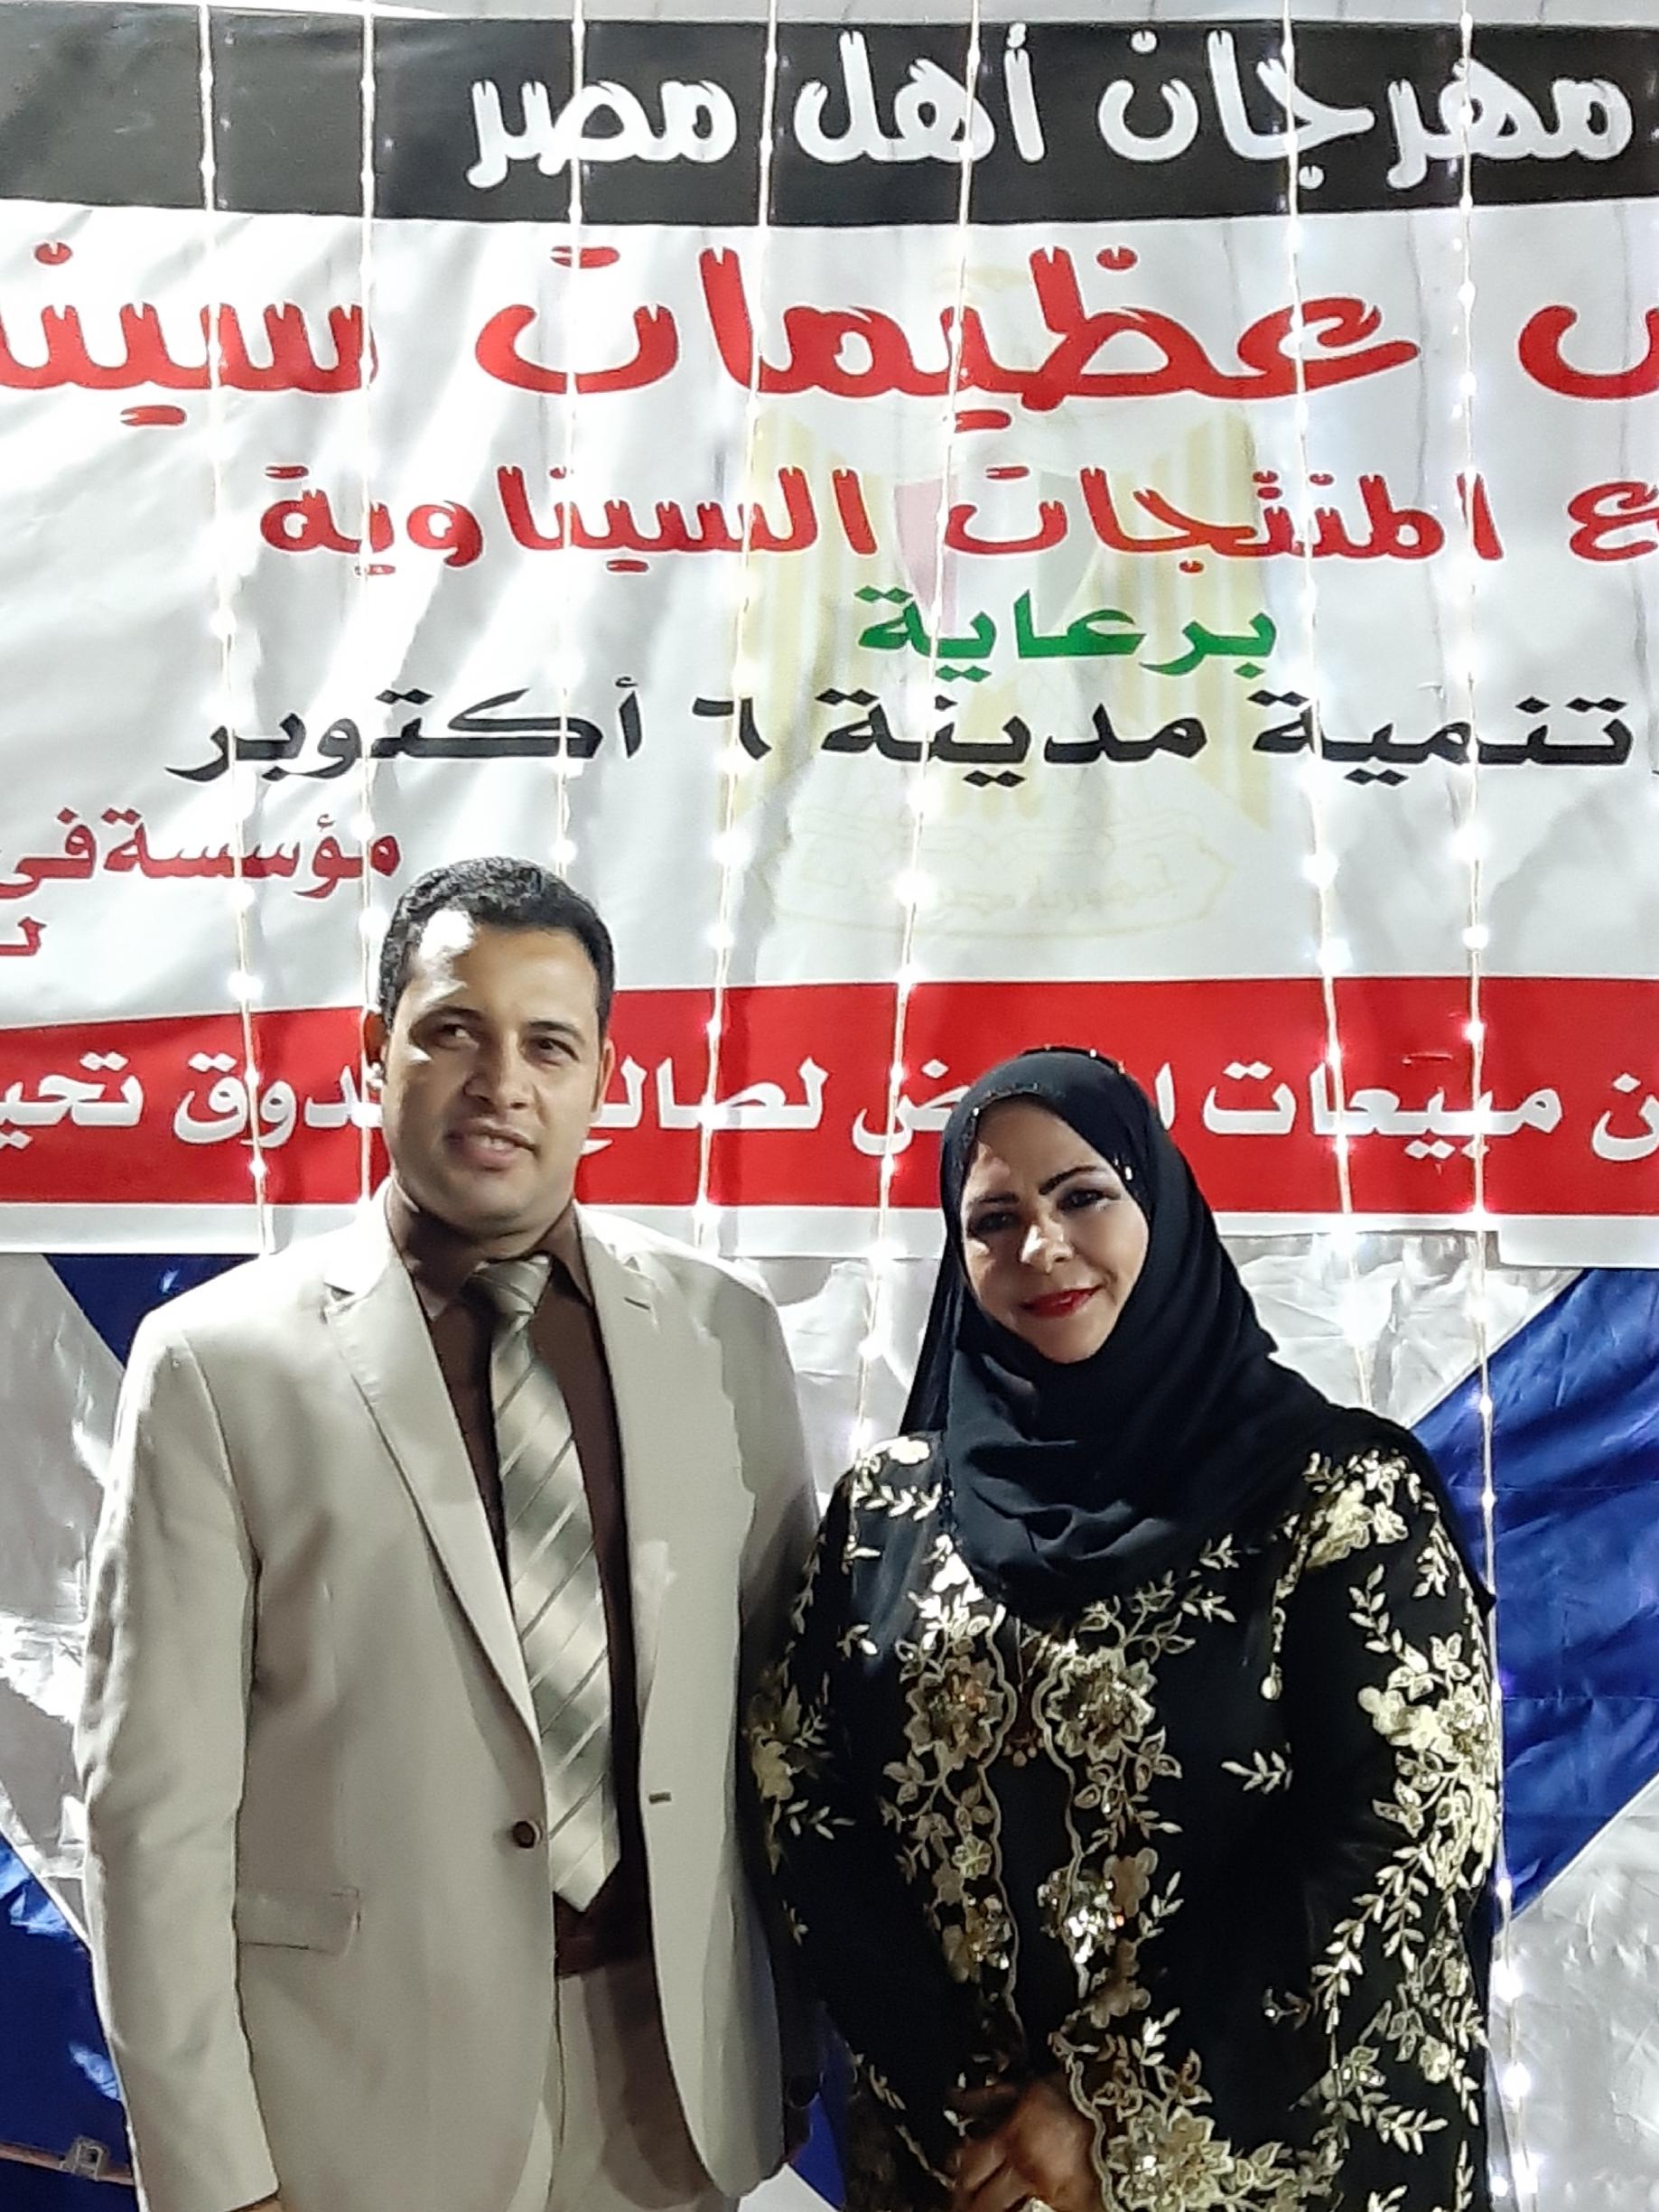 المستشار/ ياسين عبدالمنعم - معرض عظيمات سيناء أصبح من بصمات مدينة ٦أكتوبر ومؤسستي